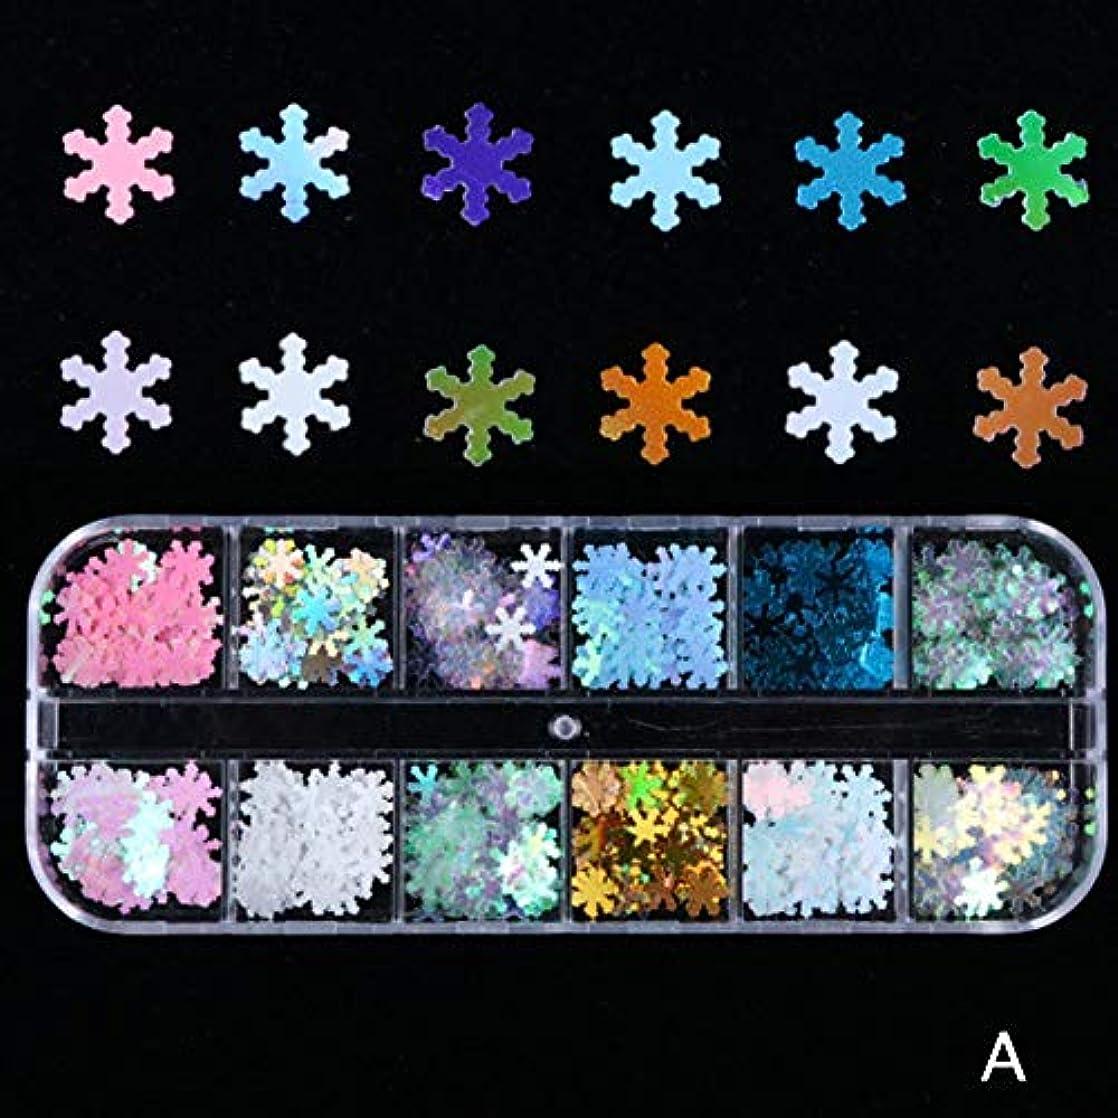 証言間違っているかごBETTER YOU (ベター ュー) ネイルアートデコレーションスパンコール、クリスマスシリーズ、スノーフレークスパンコール、多色